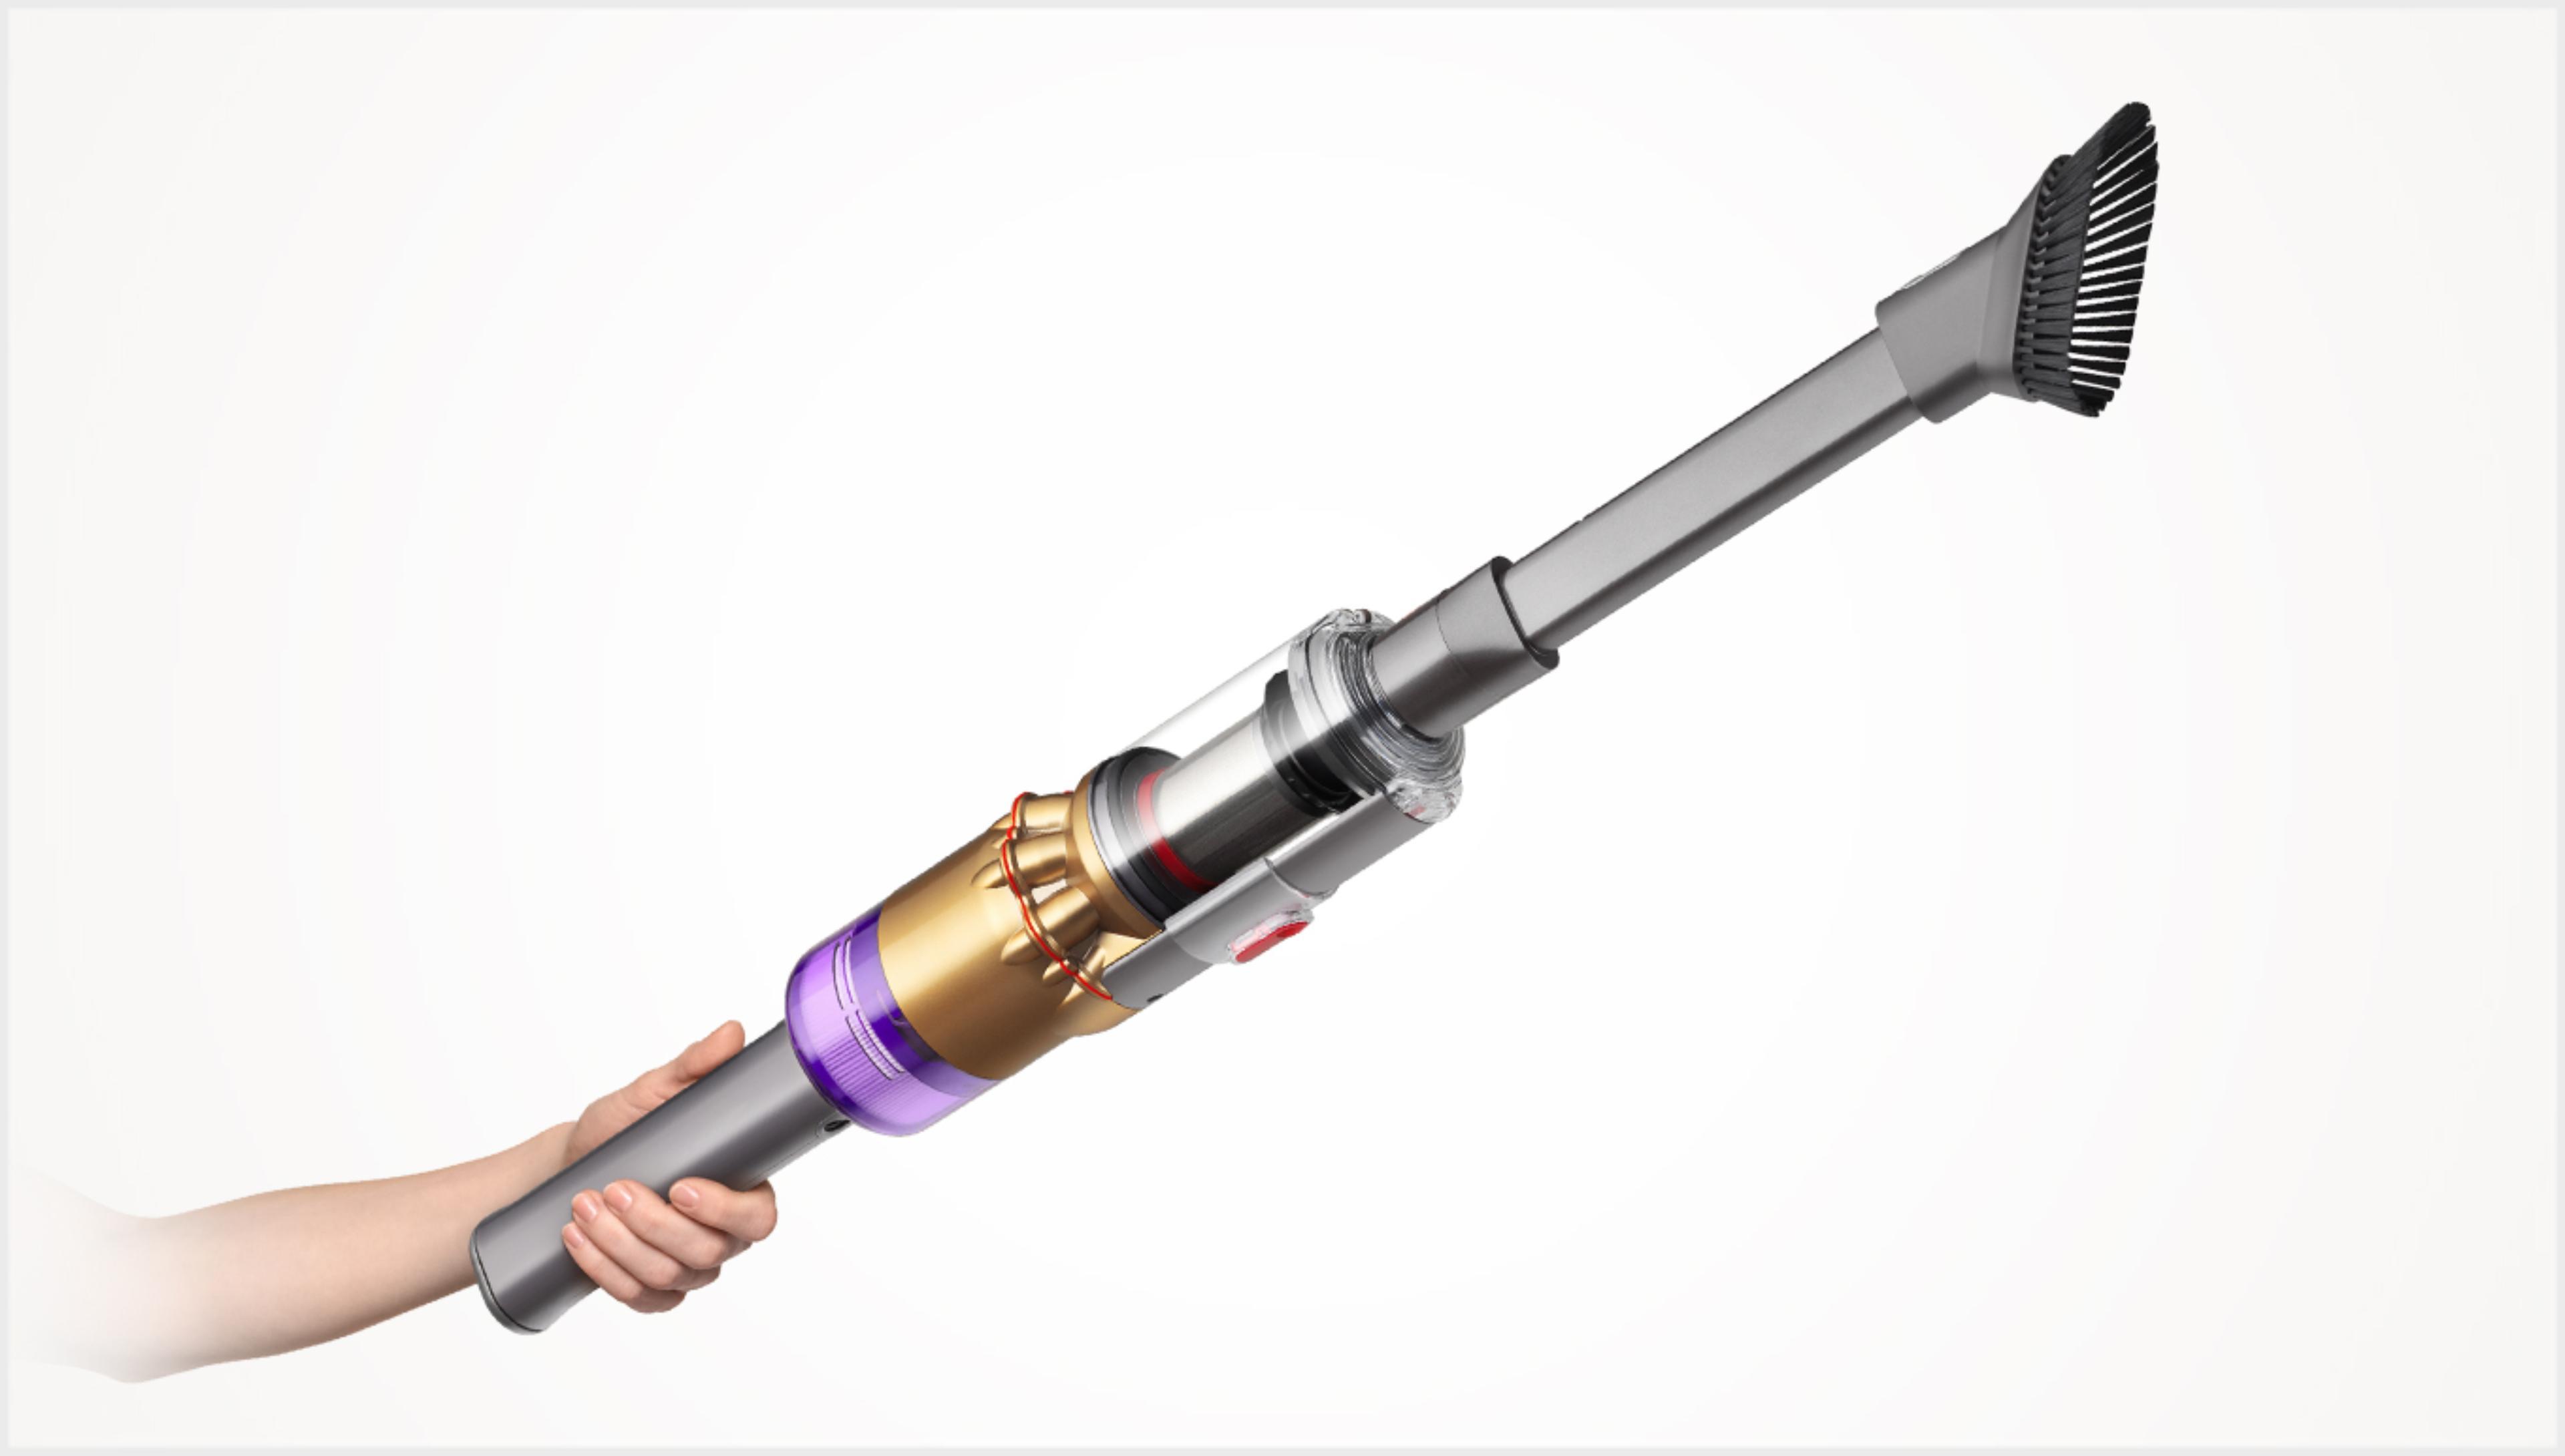 핸디형으로 전환된 다이슨 옴니-글라이드™+ 무선 청소기